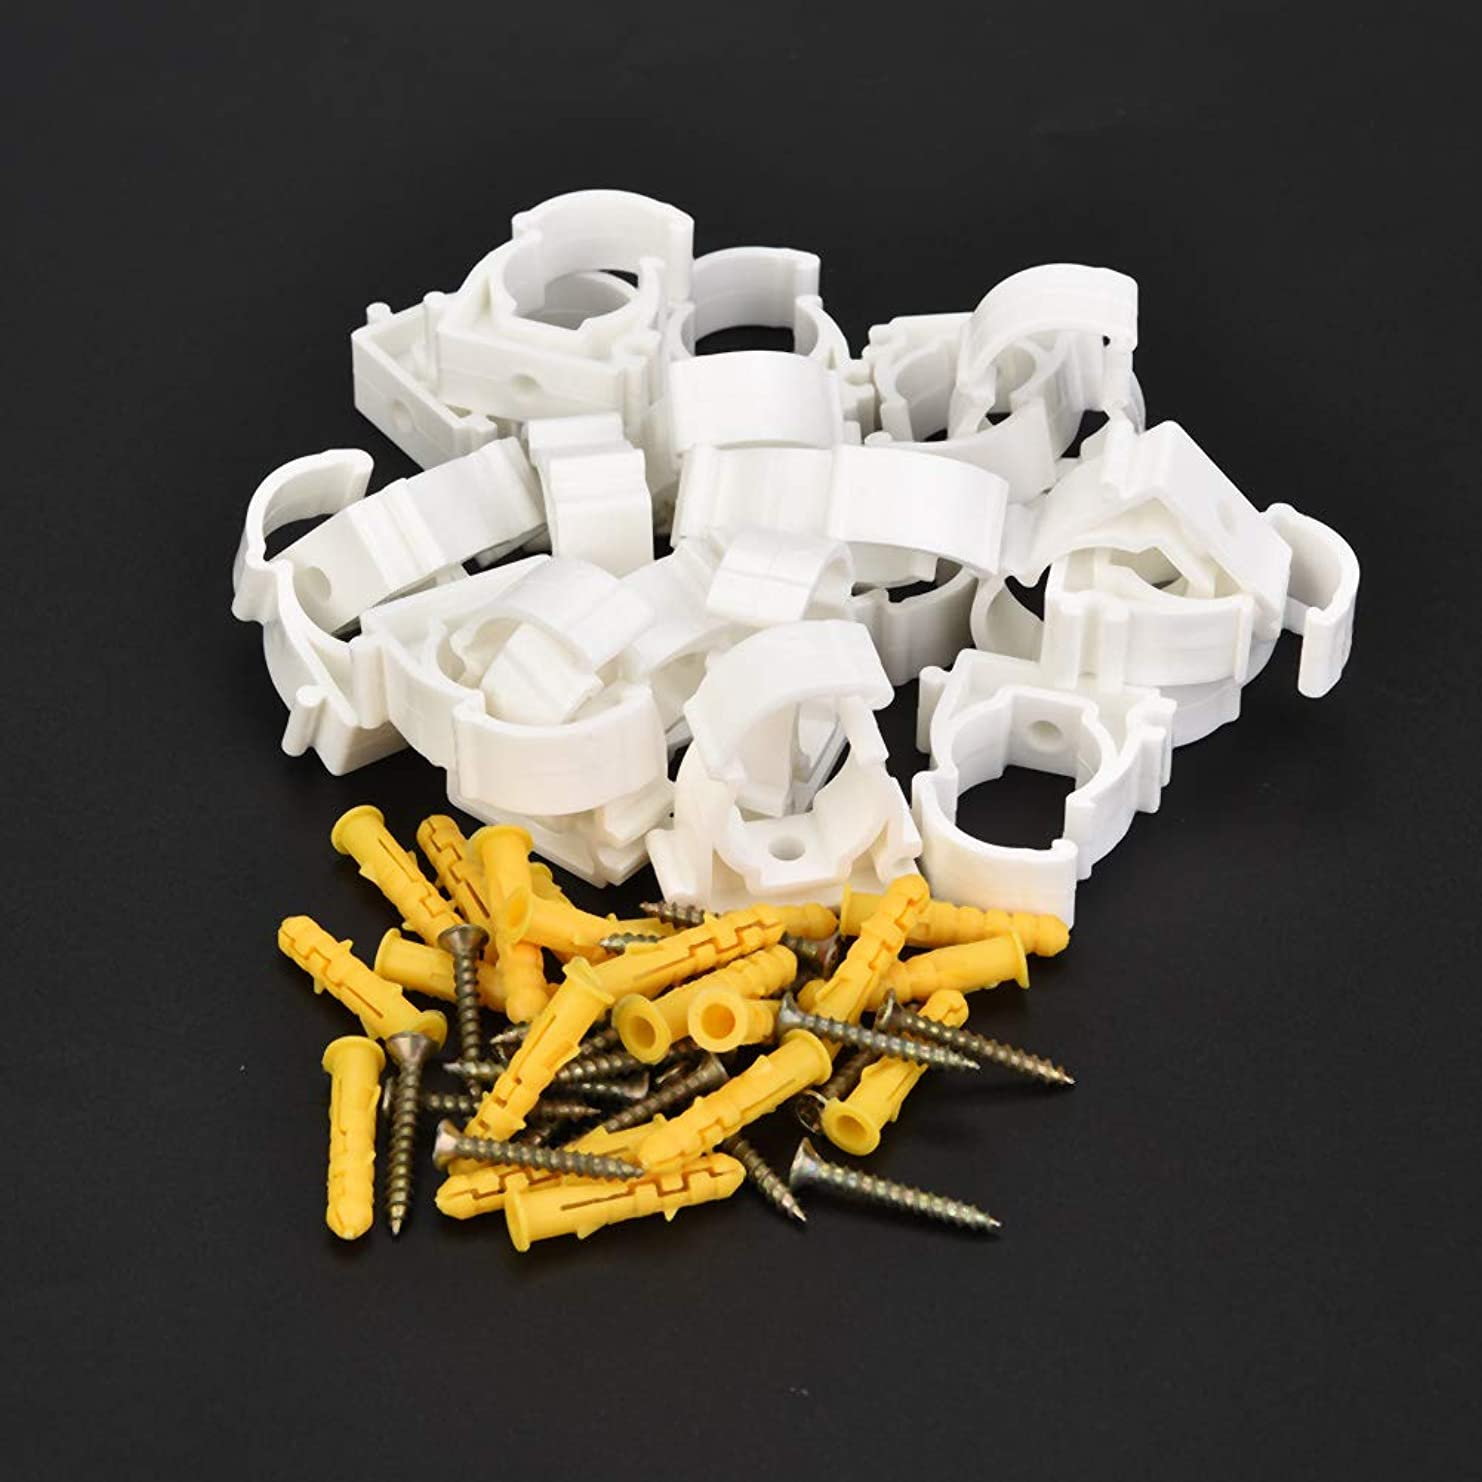 核狼カプラー高品質のガスパイプクランプ、水道管クランプクリップ、キッチンホーム屋内使用サポート水道管、ケーブルパイプ(20mm+screw 20pcs)